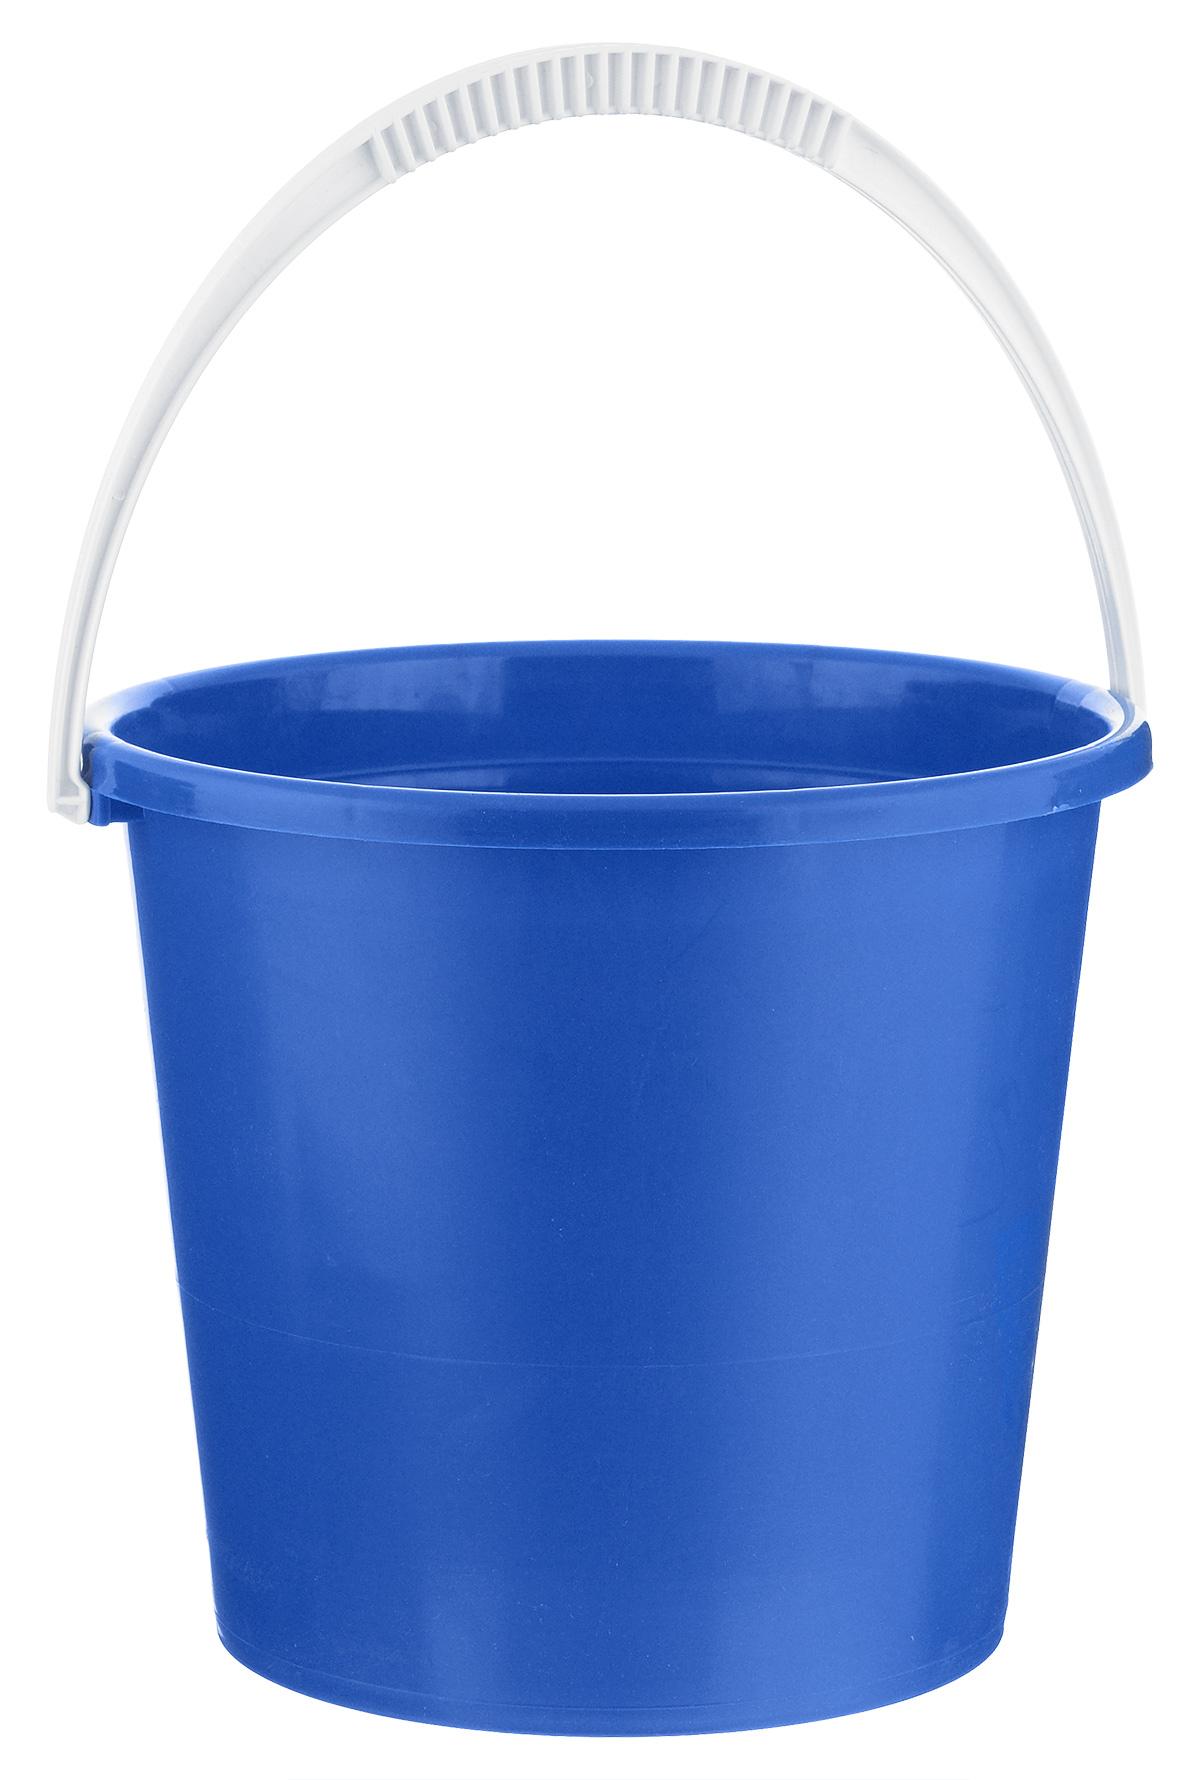 Ведро Альтернатива Крепыш, цвет: синий, 7 лК342_синийВедро Альтернатива Крепыш изготовлено из высококачественного одноцветного пластика. Оно легче железного и не подвержено коррозии. Ведро оснащено удобной пластиковой ручкой. Такое ведро станет незаменимым помощником в хозяйстве. Диаметр: 25 см. Высота: 22 см.